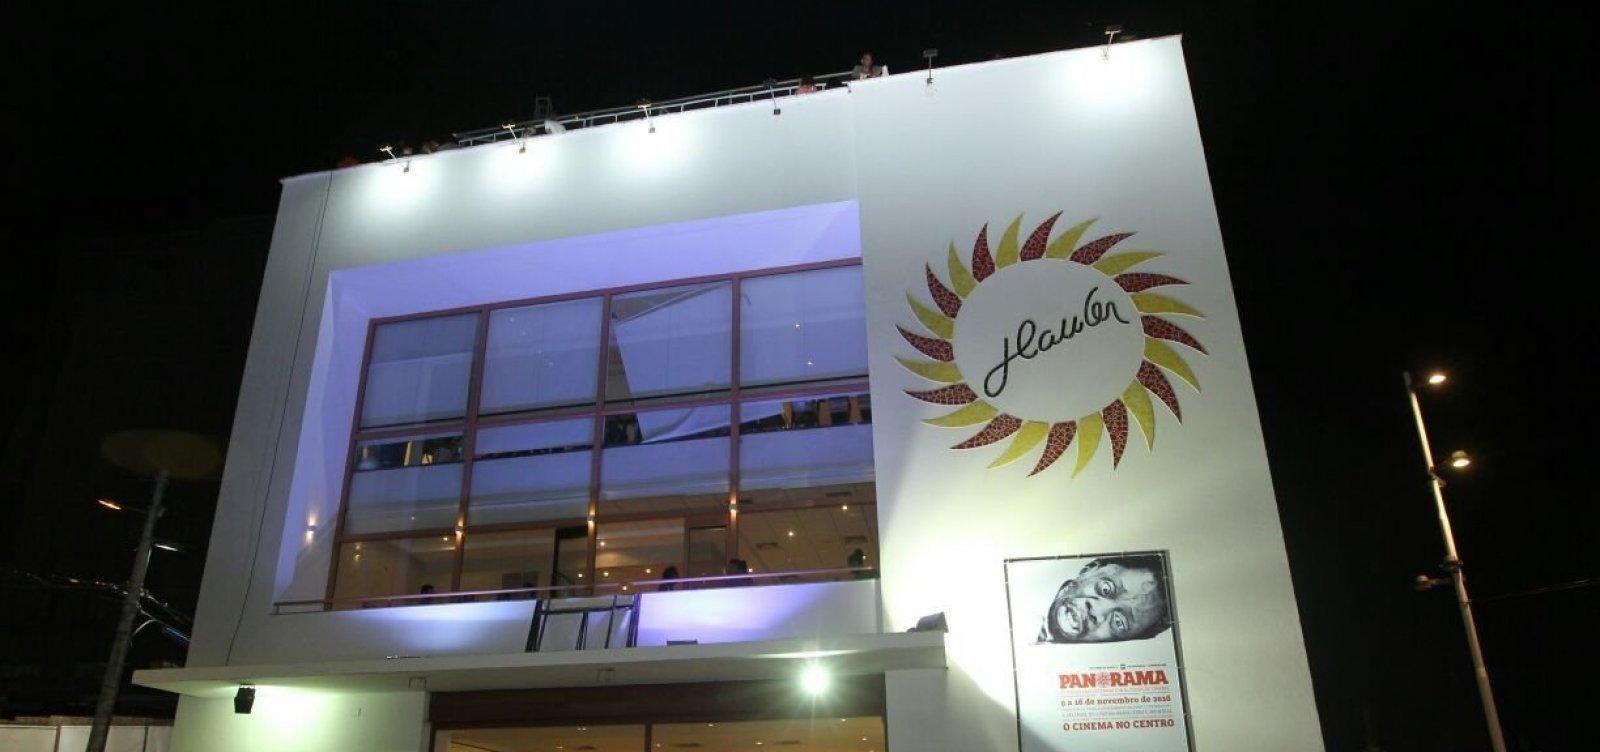 Em negociações avançadas, Cine Glauber Rocha já pode ter retorno com festival internacional de cinema